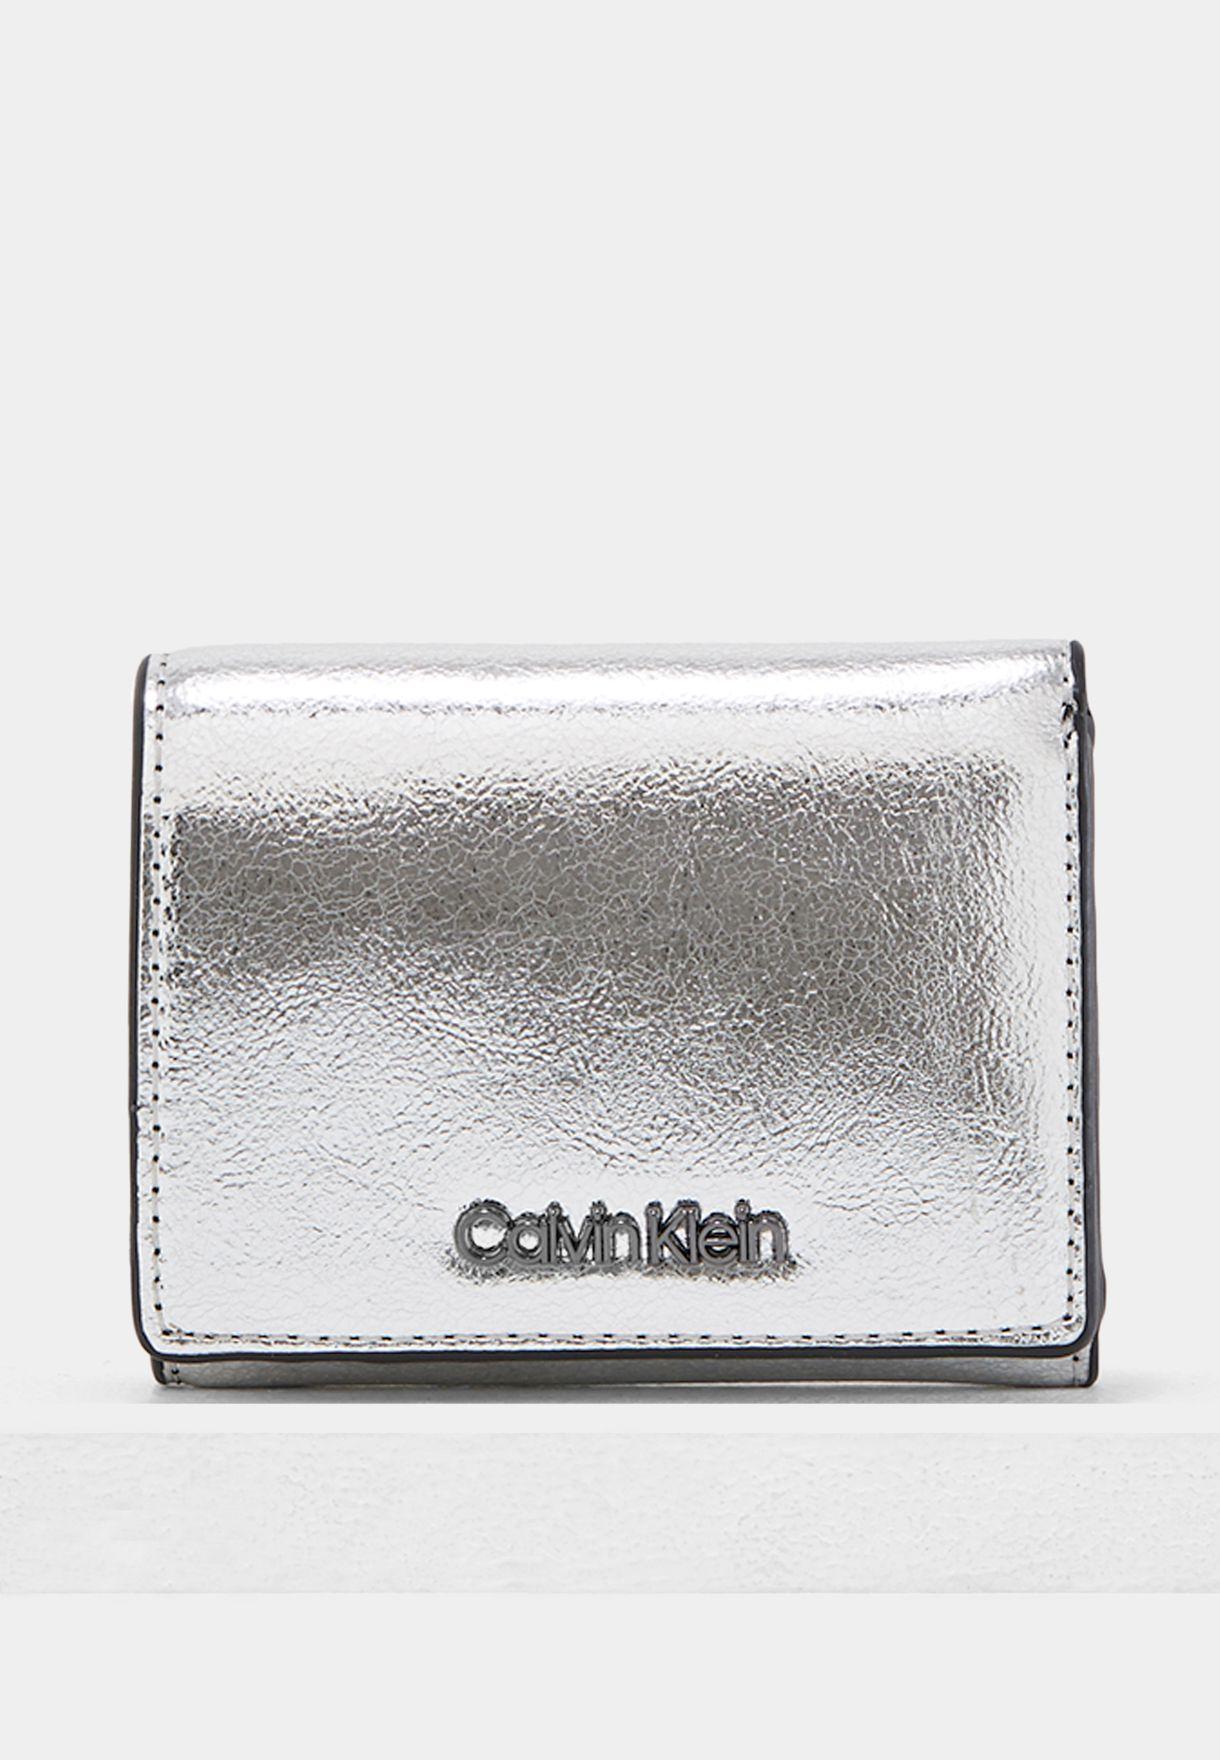 497e7a560c9 Shop Calvin Klein silver Small Candy Purse K60K604399904 for Women ...